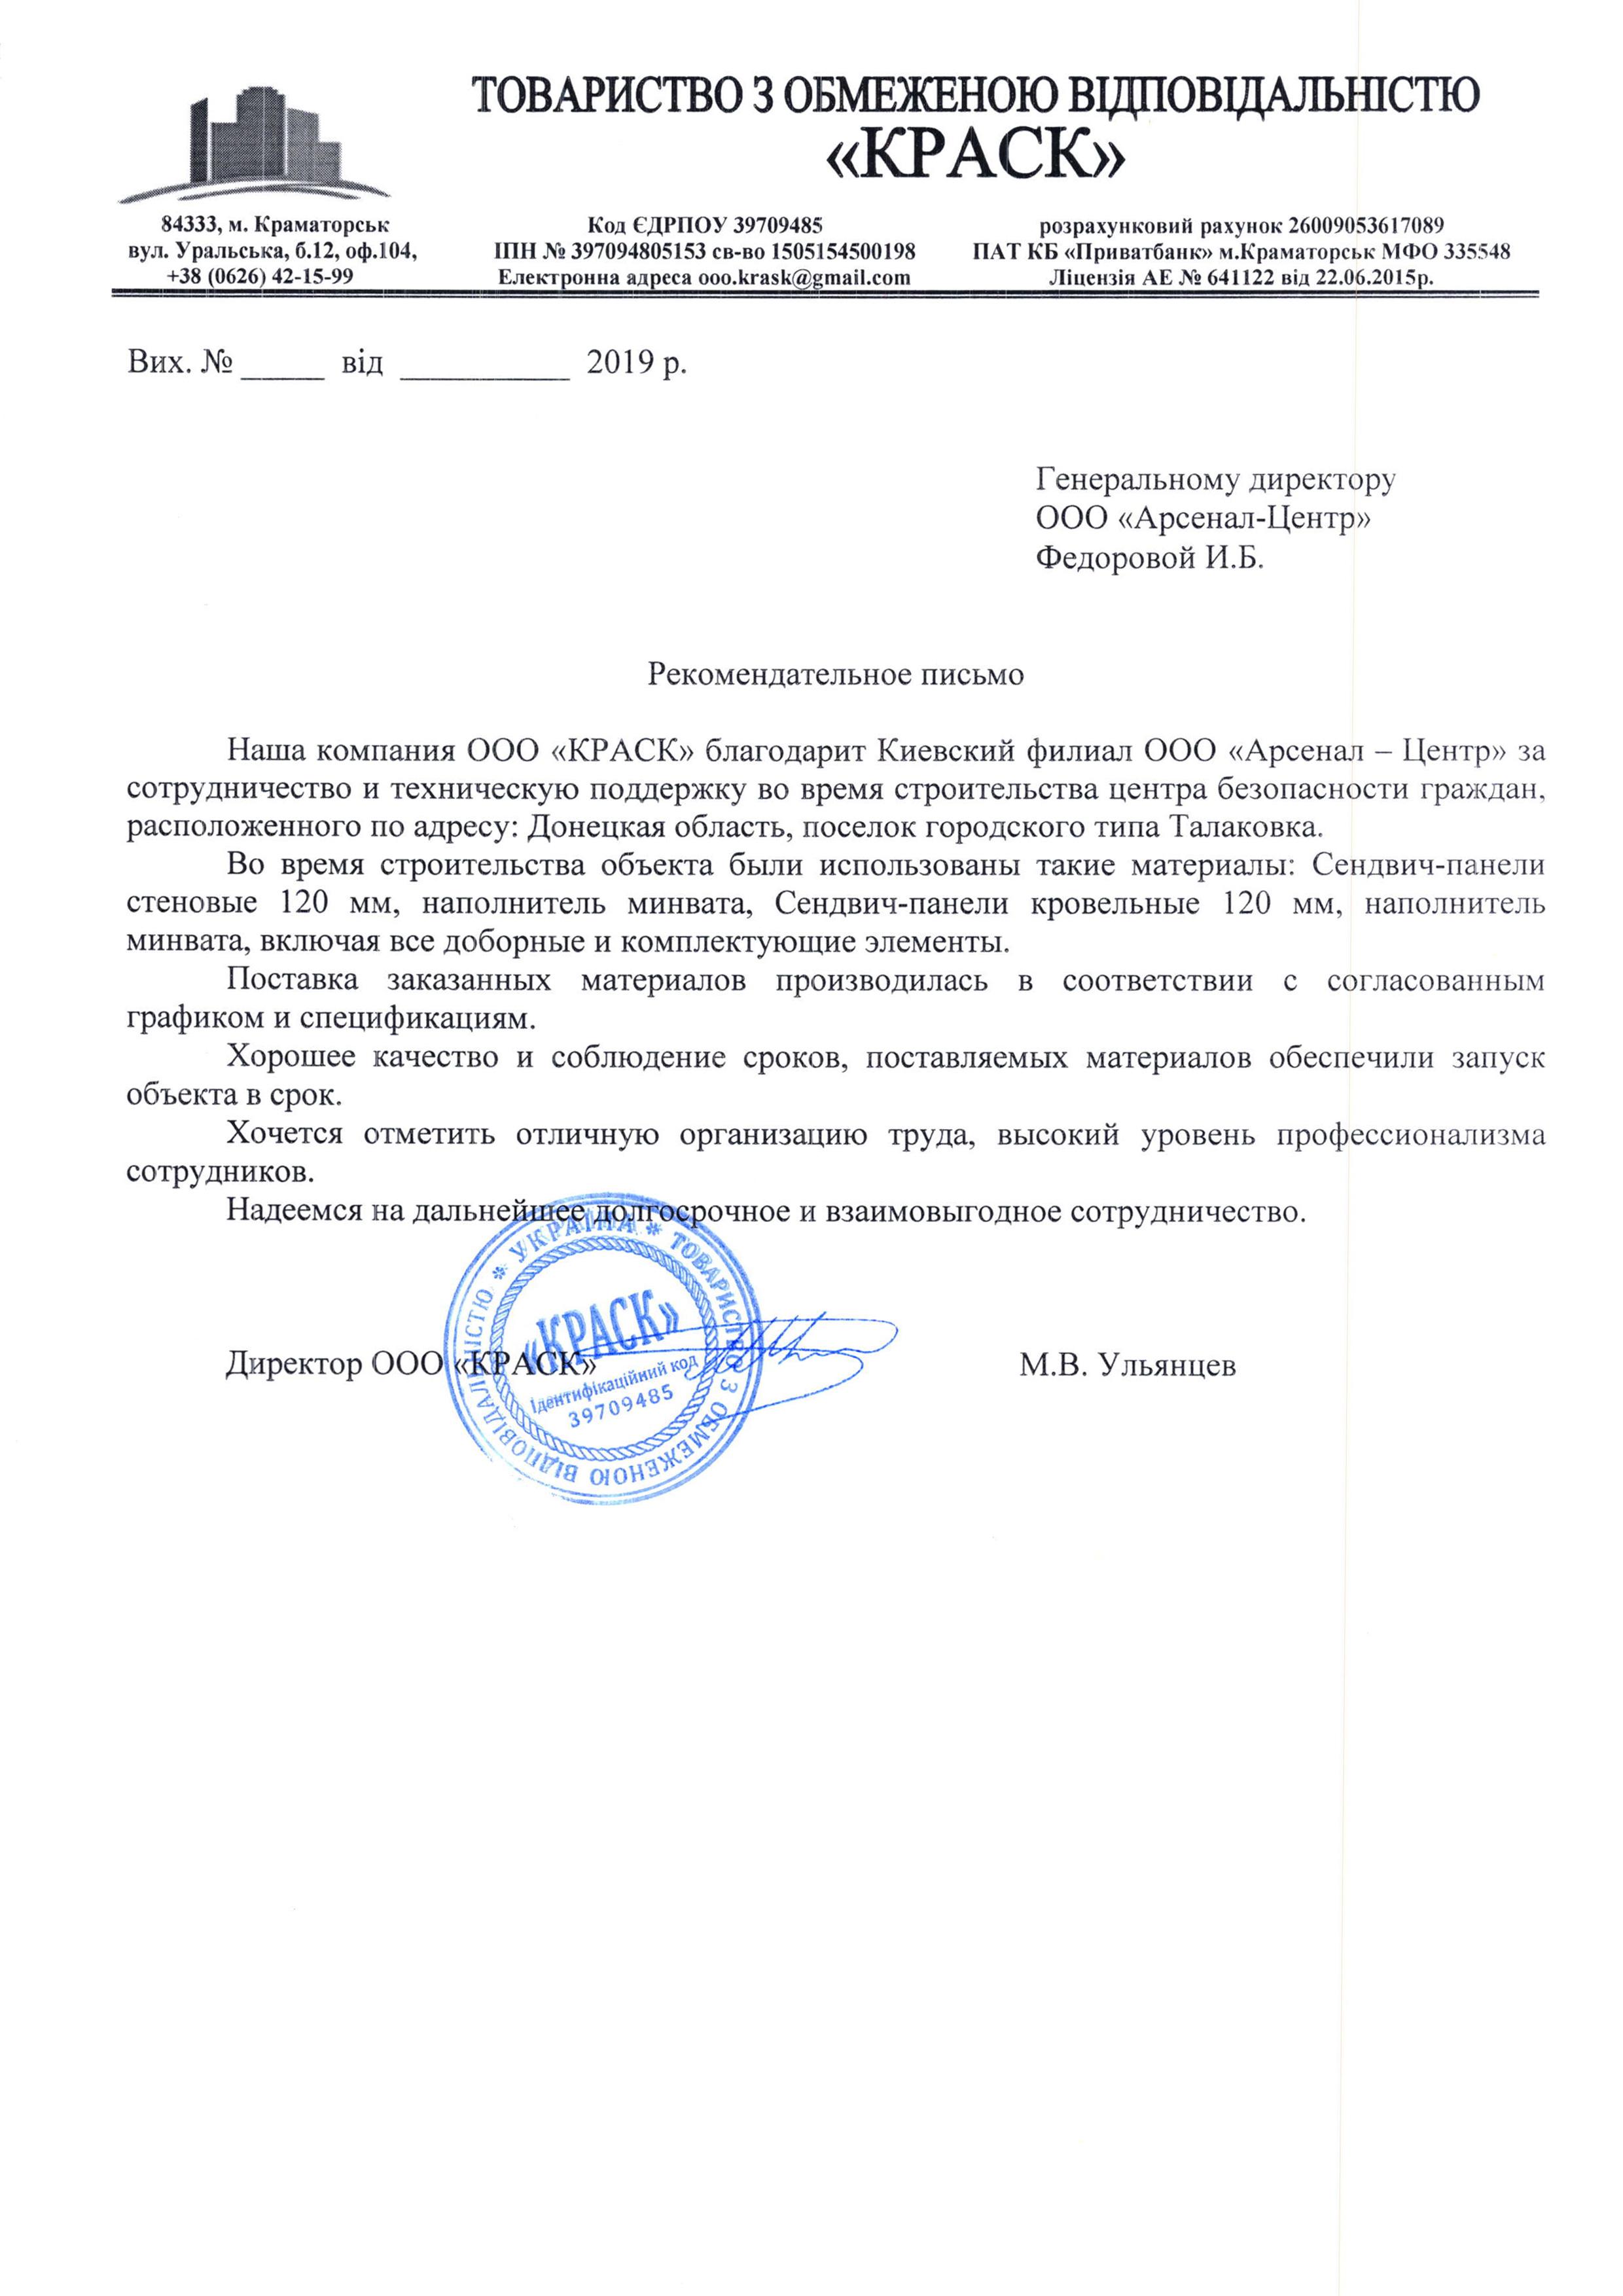 """Рекомендательное письмо ООО """"Краск"""""""